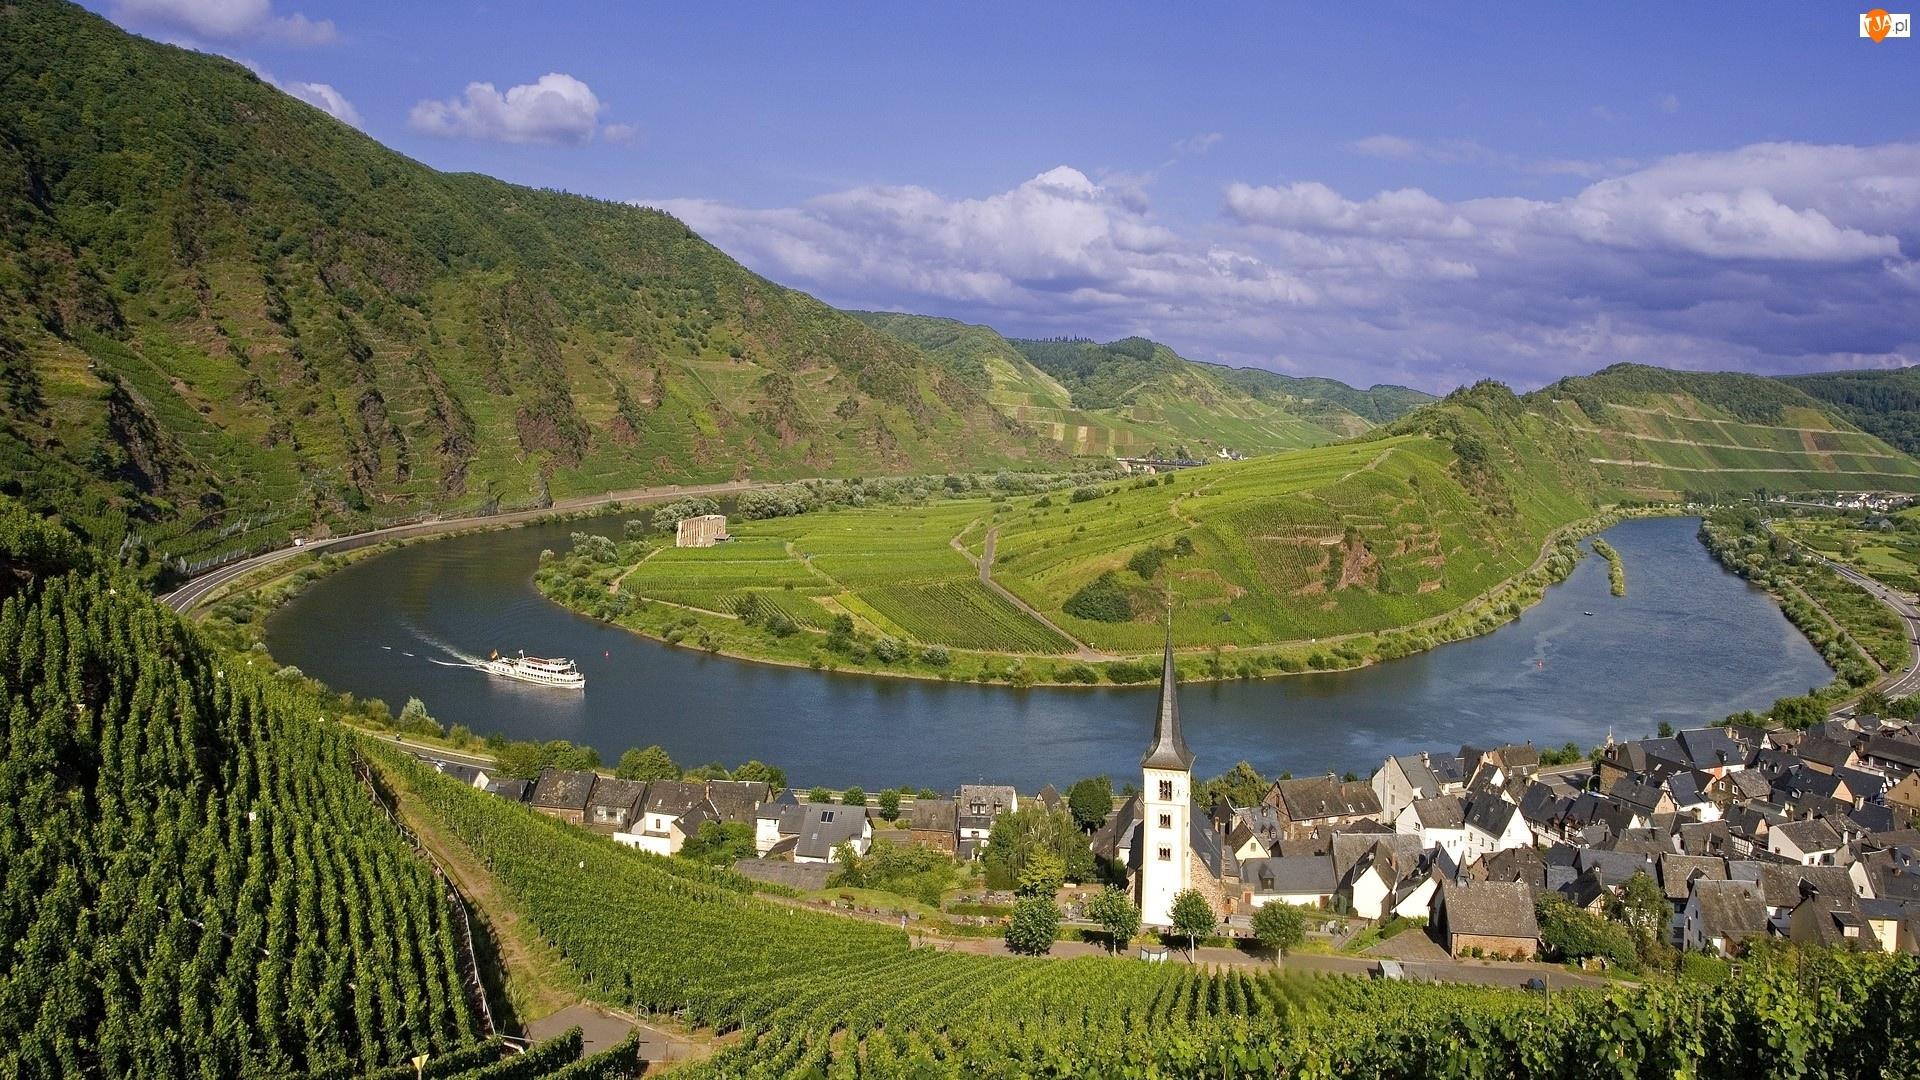 Rzeka, Miasteczko, Niemcy, Statek, Góry, Meander